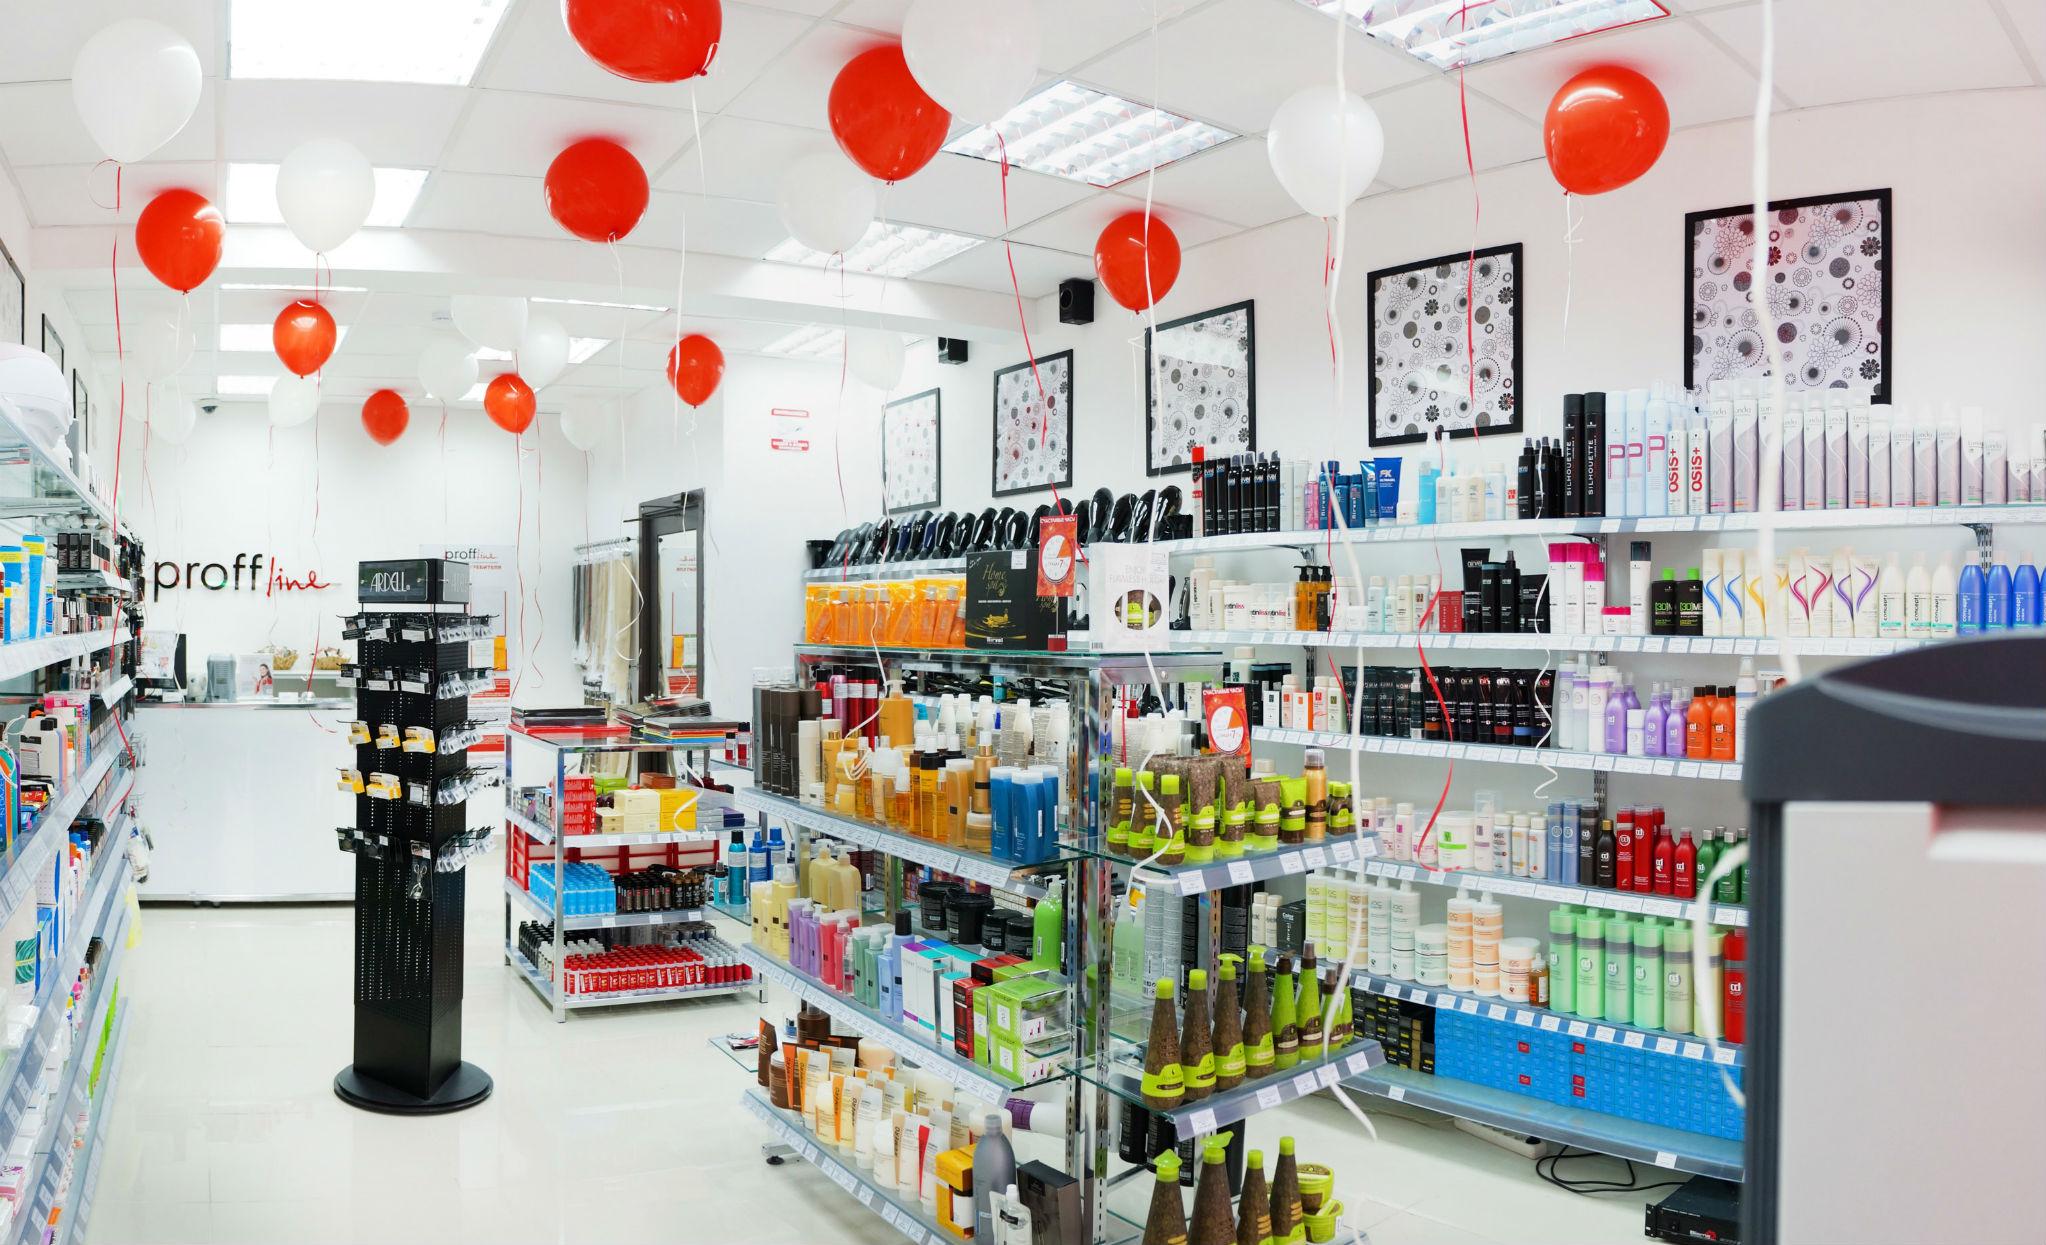 Оквэд розничная торговля косметикой и парфюмерией